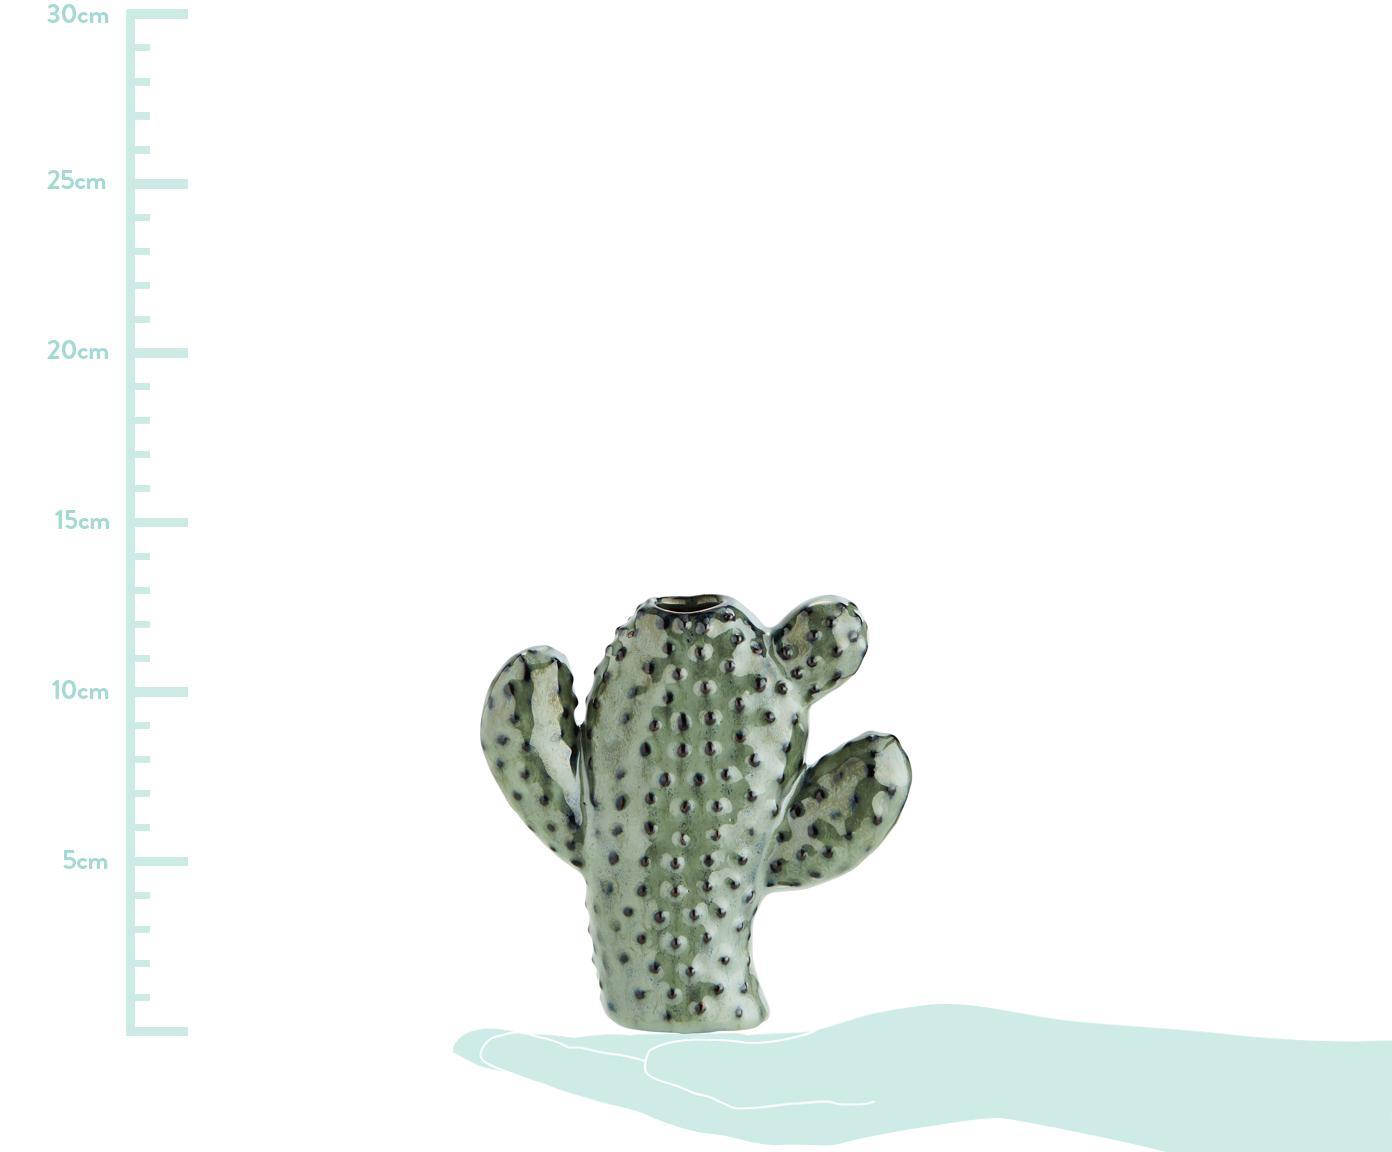 Kleine Vase Caty aus Steingut, Steingut, Grün, Braun, 12 x 13 cm